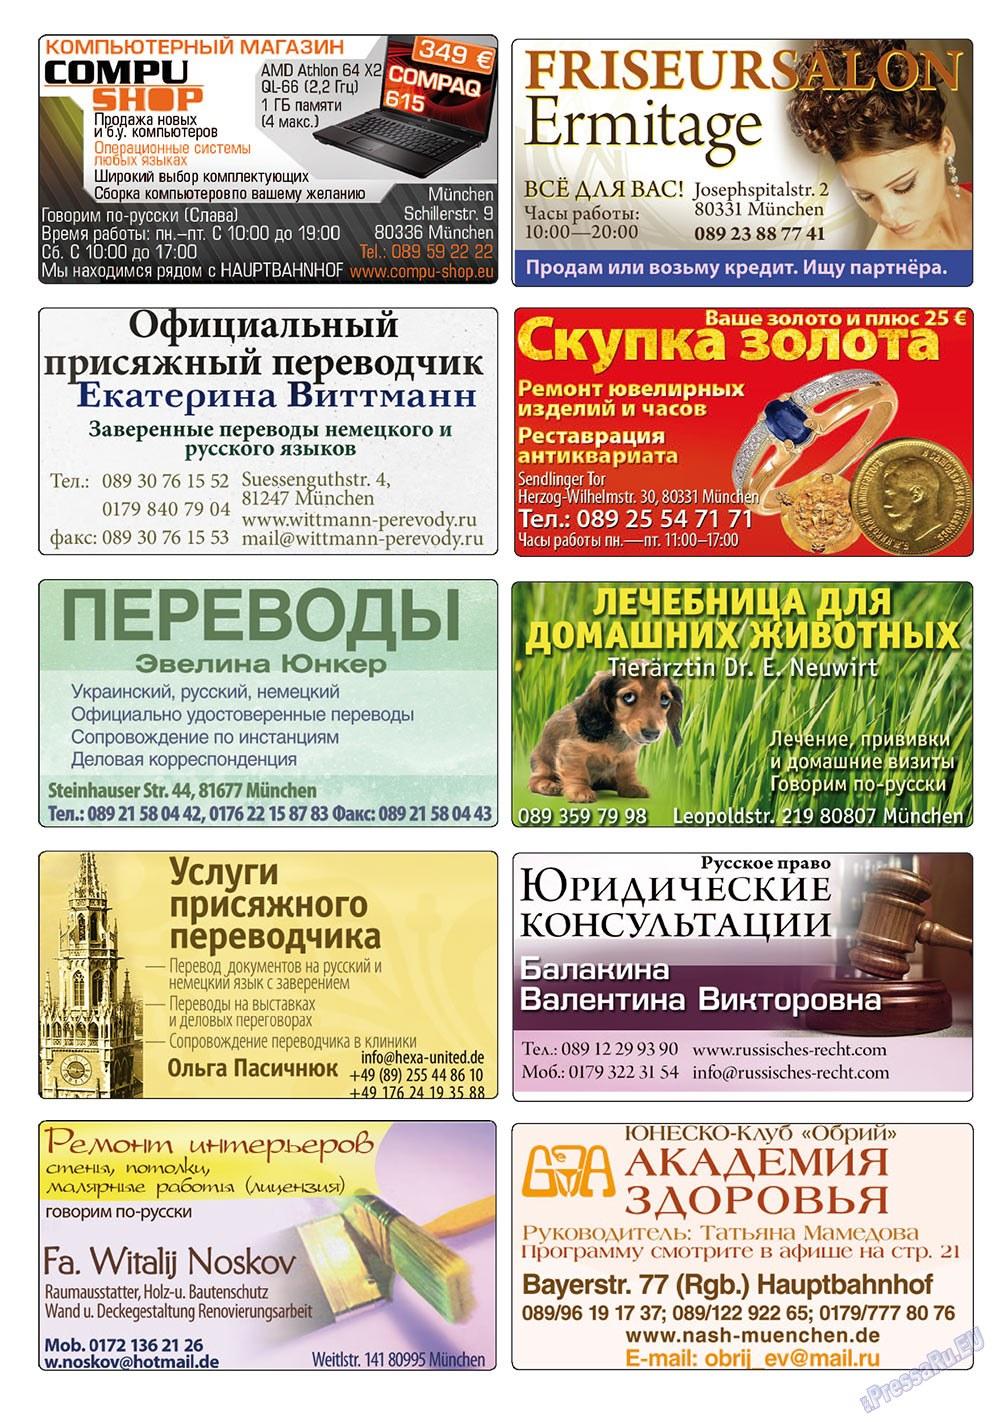 Апельсин (журнал). 2010 год, номер 16, стр. 27